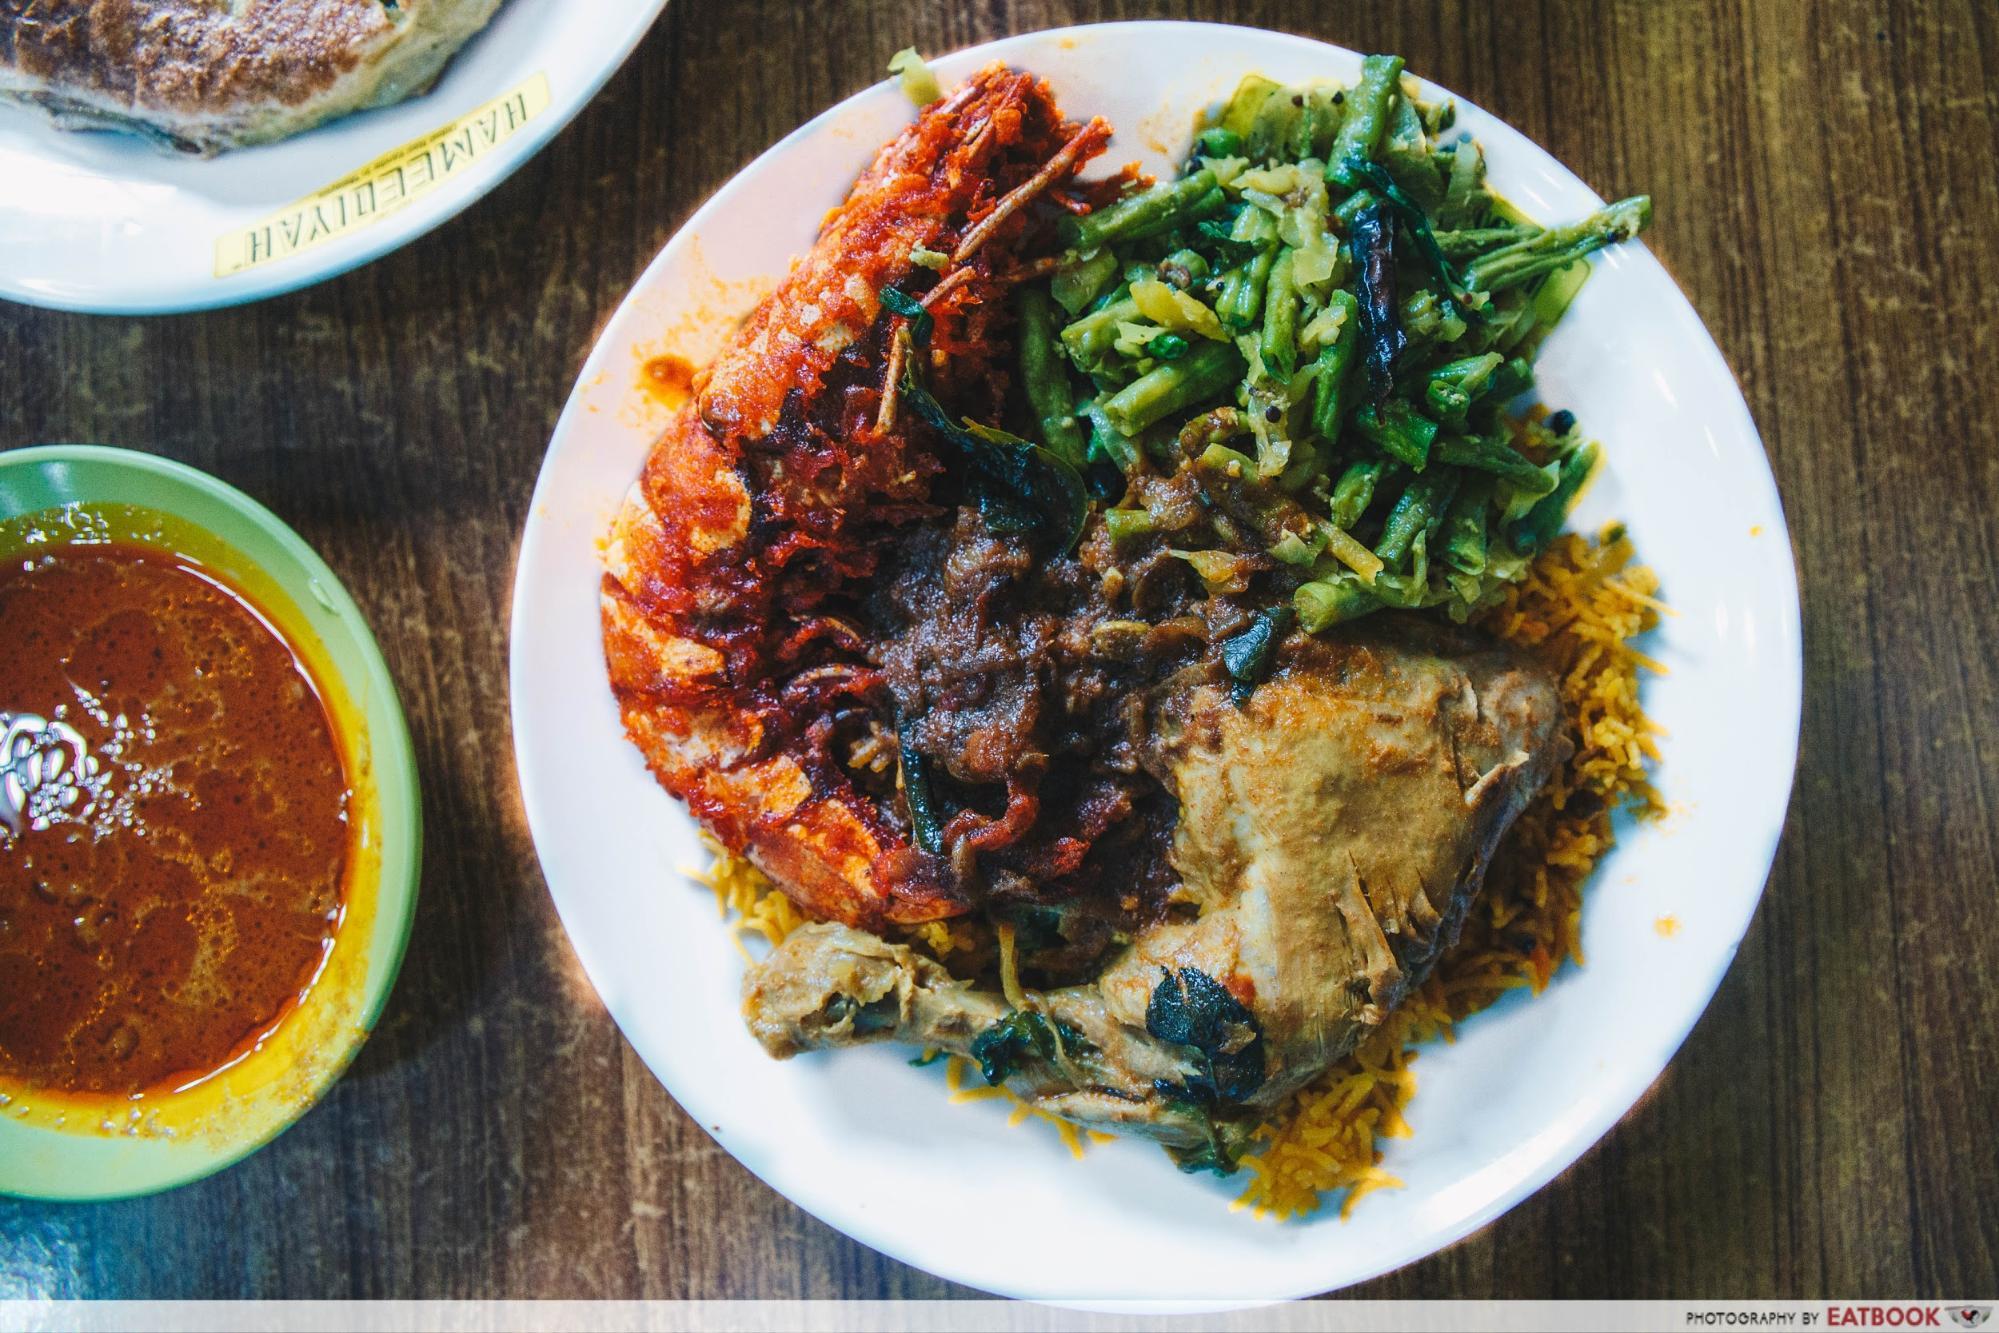 Penang Hawker Food - Briyani Rice